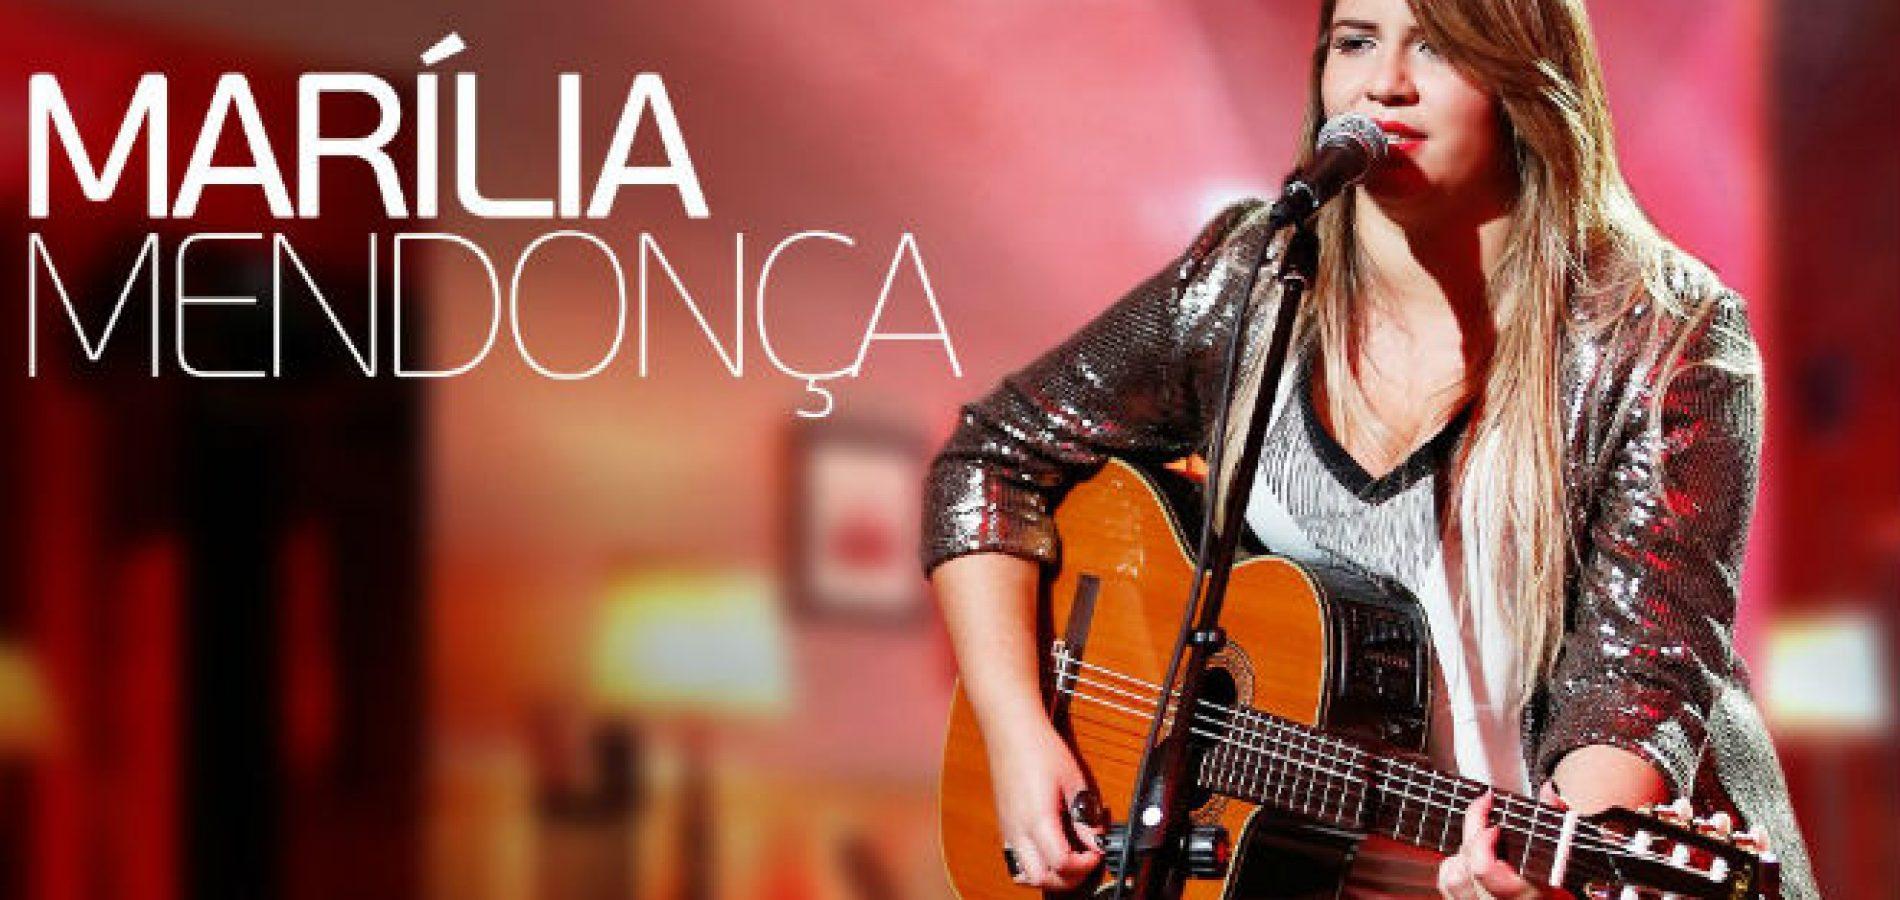 Marília Mendonça supera nomes como Adele e Taylor Swift